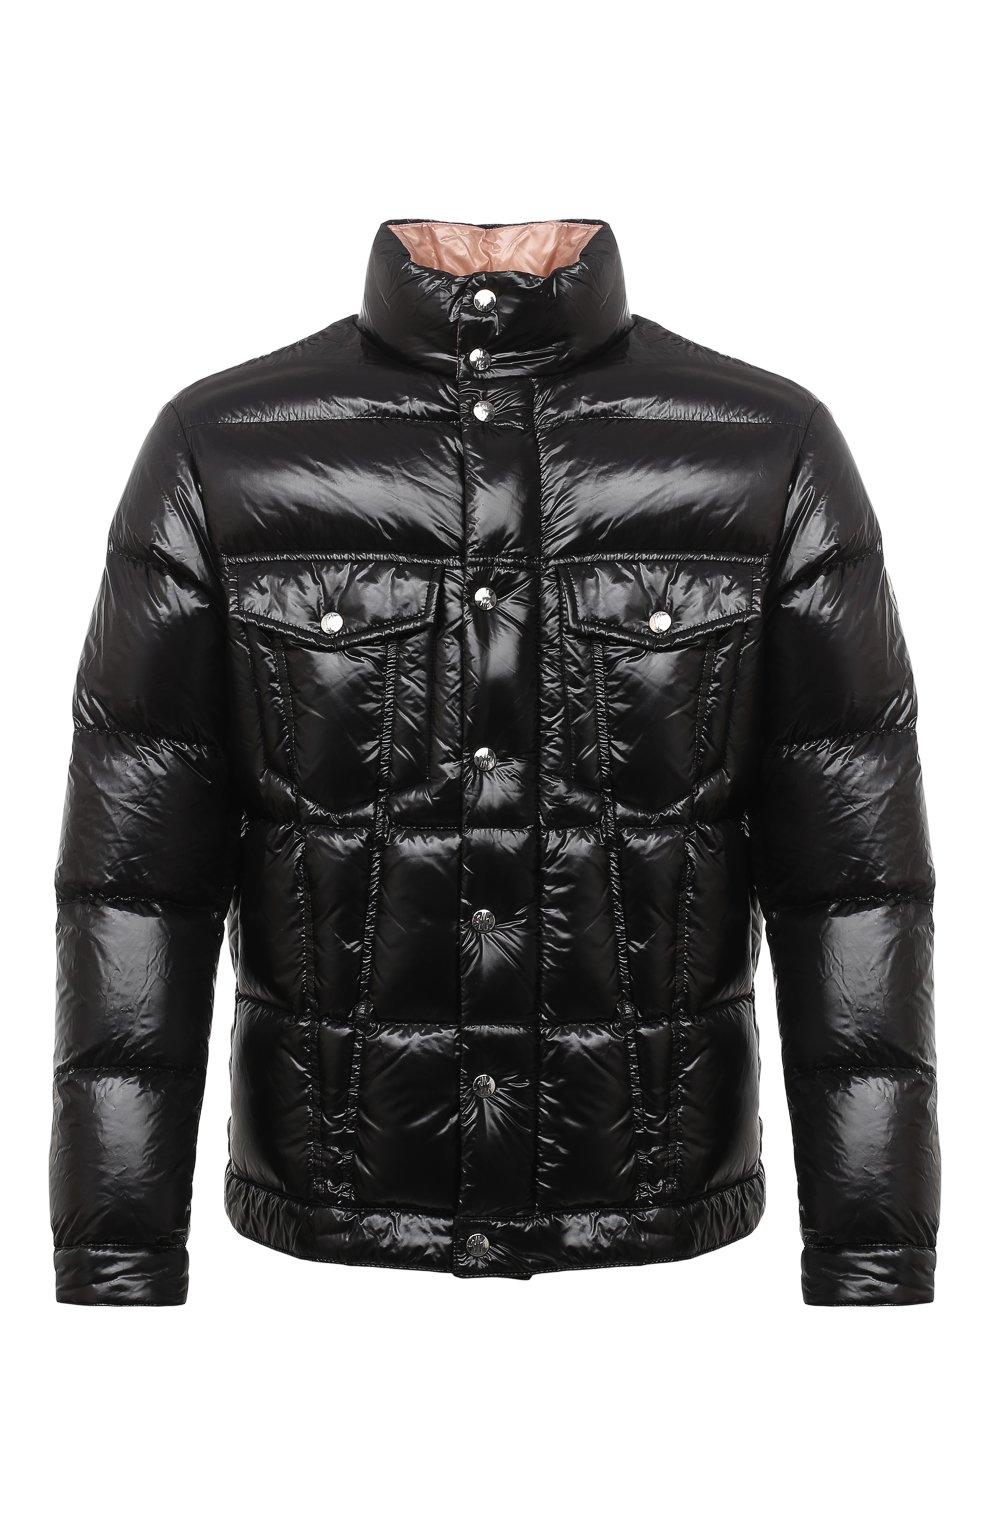 Мужская пуховая куртка montmirail MONCLER черного цвета, арт. F2-091-1A567-00-C0613 | Фото 1 (Кросс-КТ: Куртка, Пуховик; Мужское Кросс-КТ: пуховик-короткий, Пуховик-верхняя одежда, Верхняя одежда; Рукава: Длинные; Материал внешний: Синтетический материал; Материал подклада: Синтетический материал; Длина (верхняя одежда): Короткие; Материал утеплителя: Пух и перо; Стили: Кэжуэл)